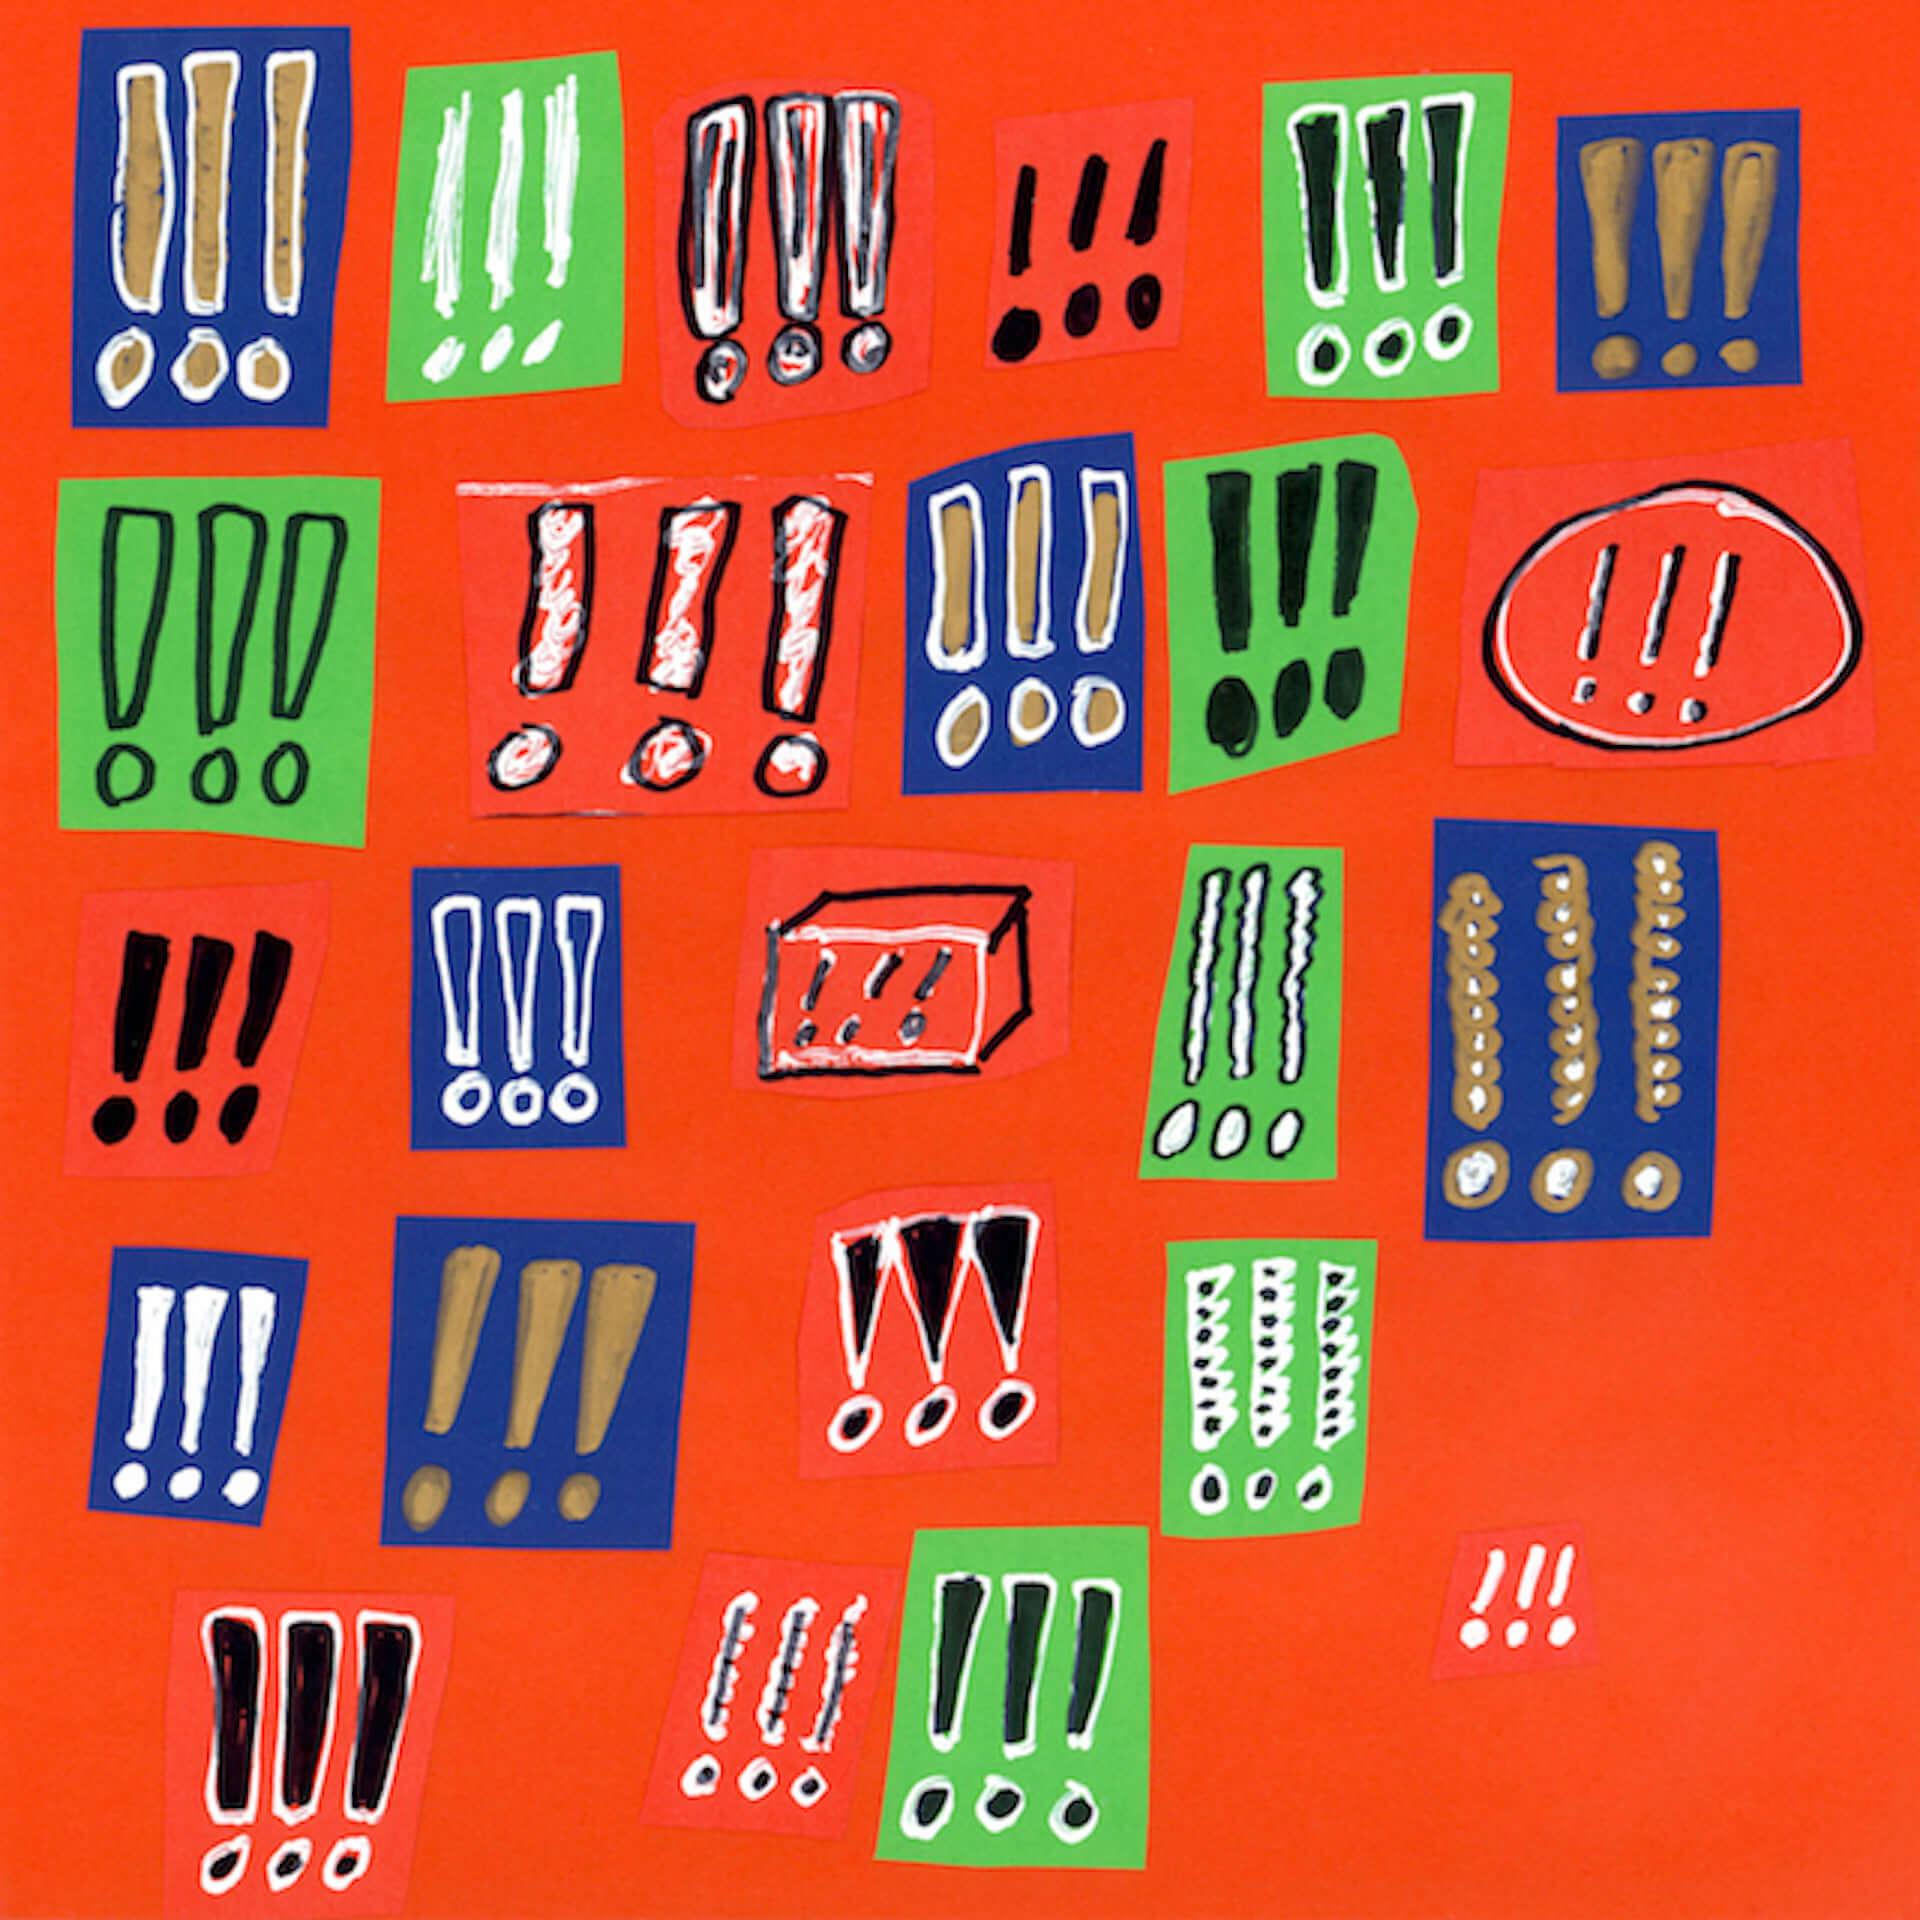 """チック・チック・チックが最新EP『Certified Heavy Kats』をリリース決定!新曲""""Do The Dial Tone""""のMVも公開 music200710_chkchkchk_2-1920x1920"""